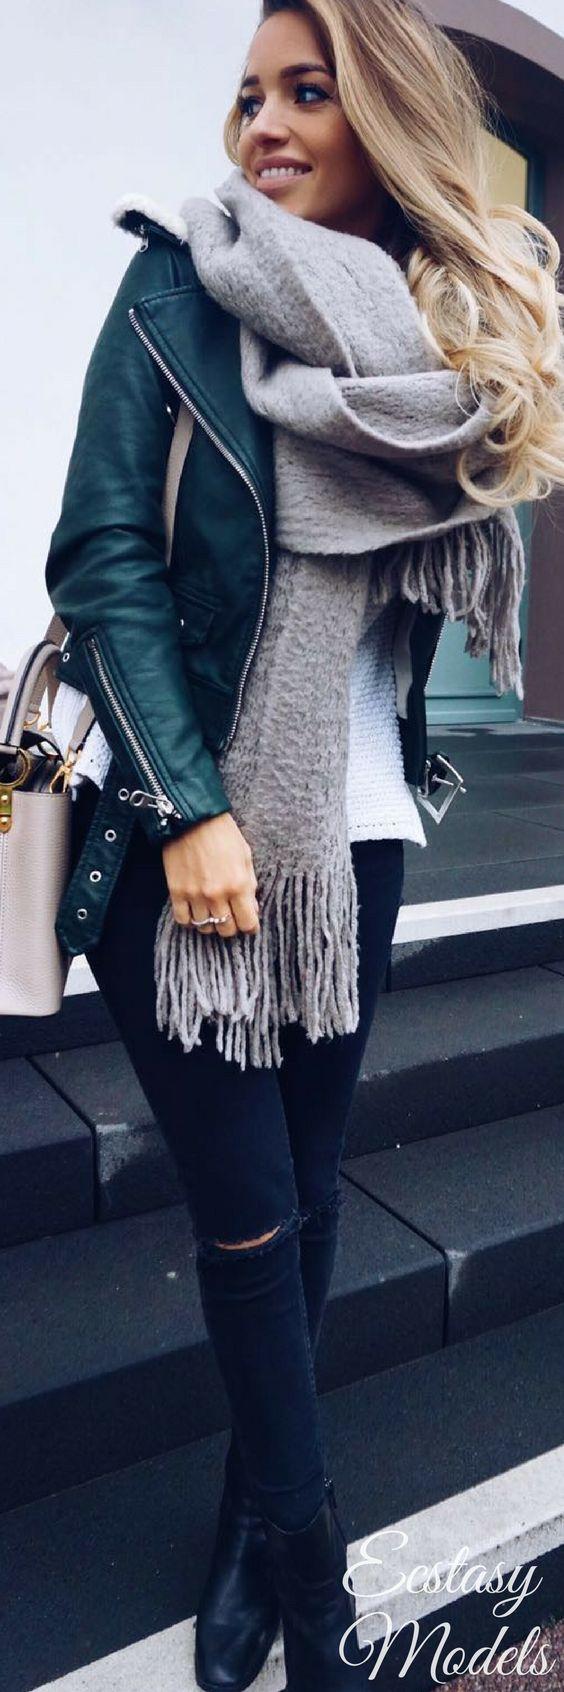 Ella lleva una chaqueta verde y una bufanda gris y patalones negros. La chaqueta cuesta cincuenta euros. La bufanda cuesta veinte euros. Los patalones cuestan trienta y cinco euros.